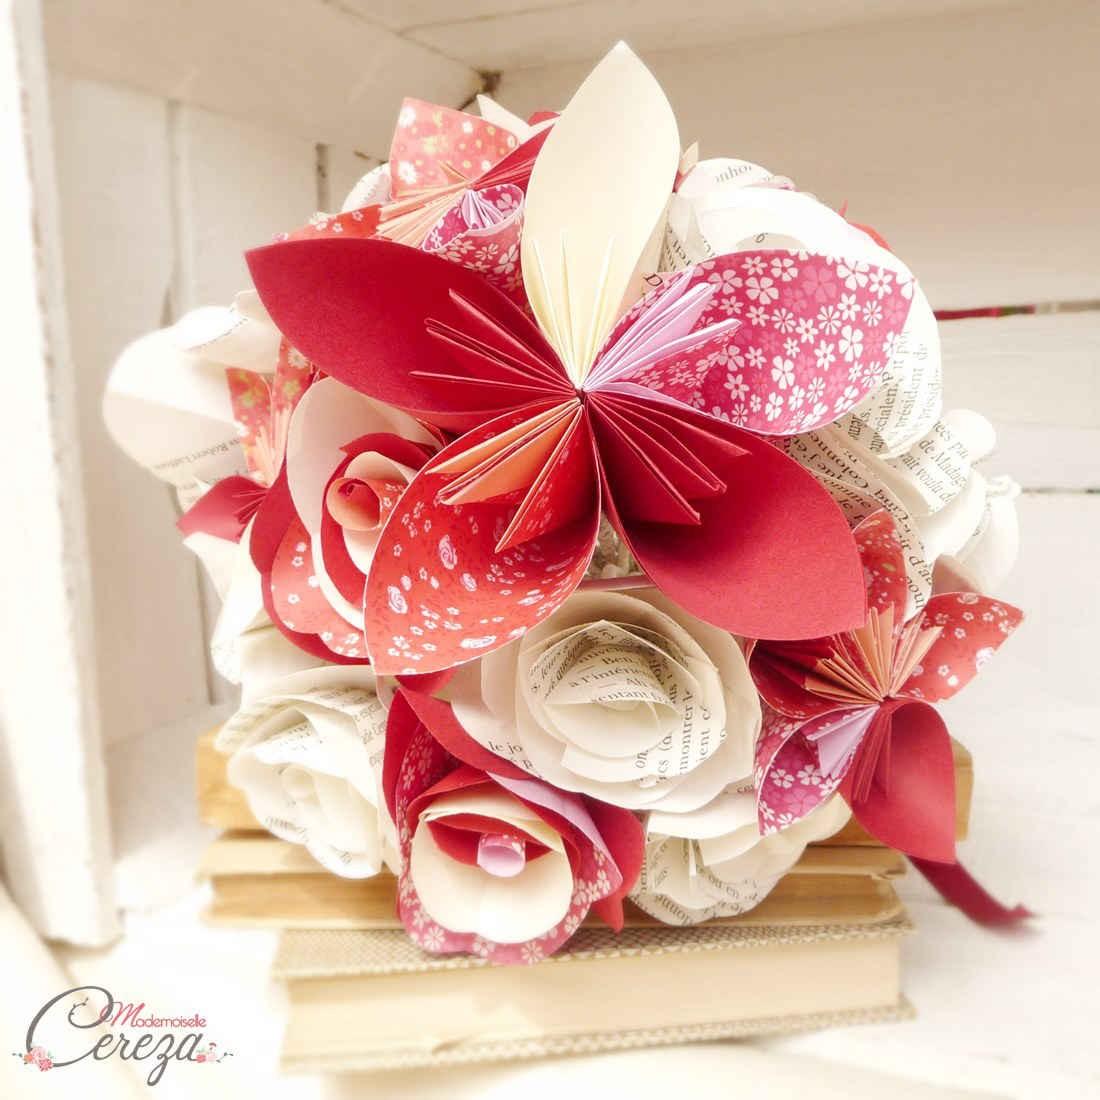 bouquet mariage original fleurs papier original bordeaux rouge ivoire